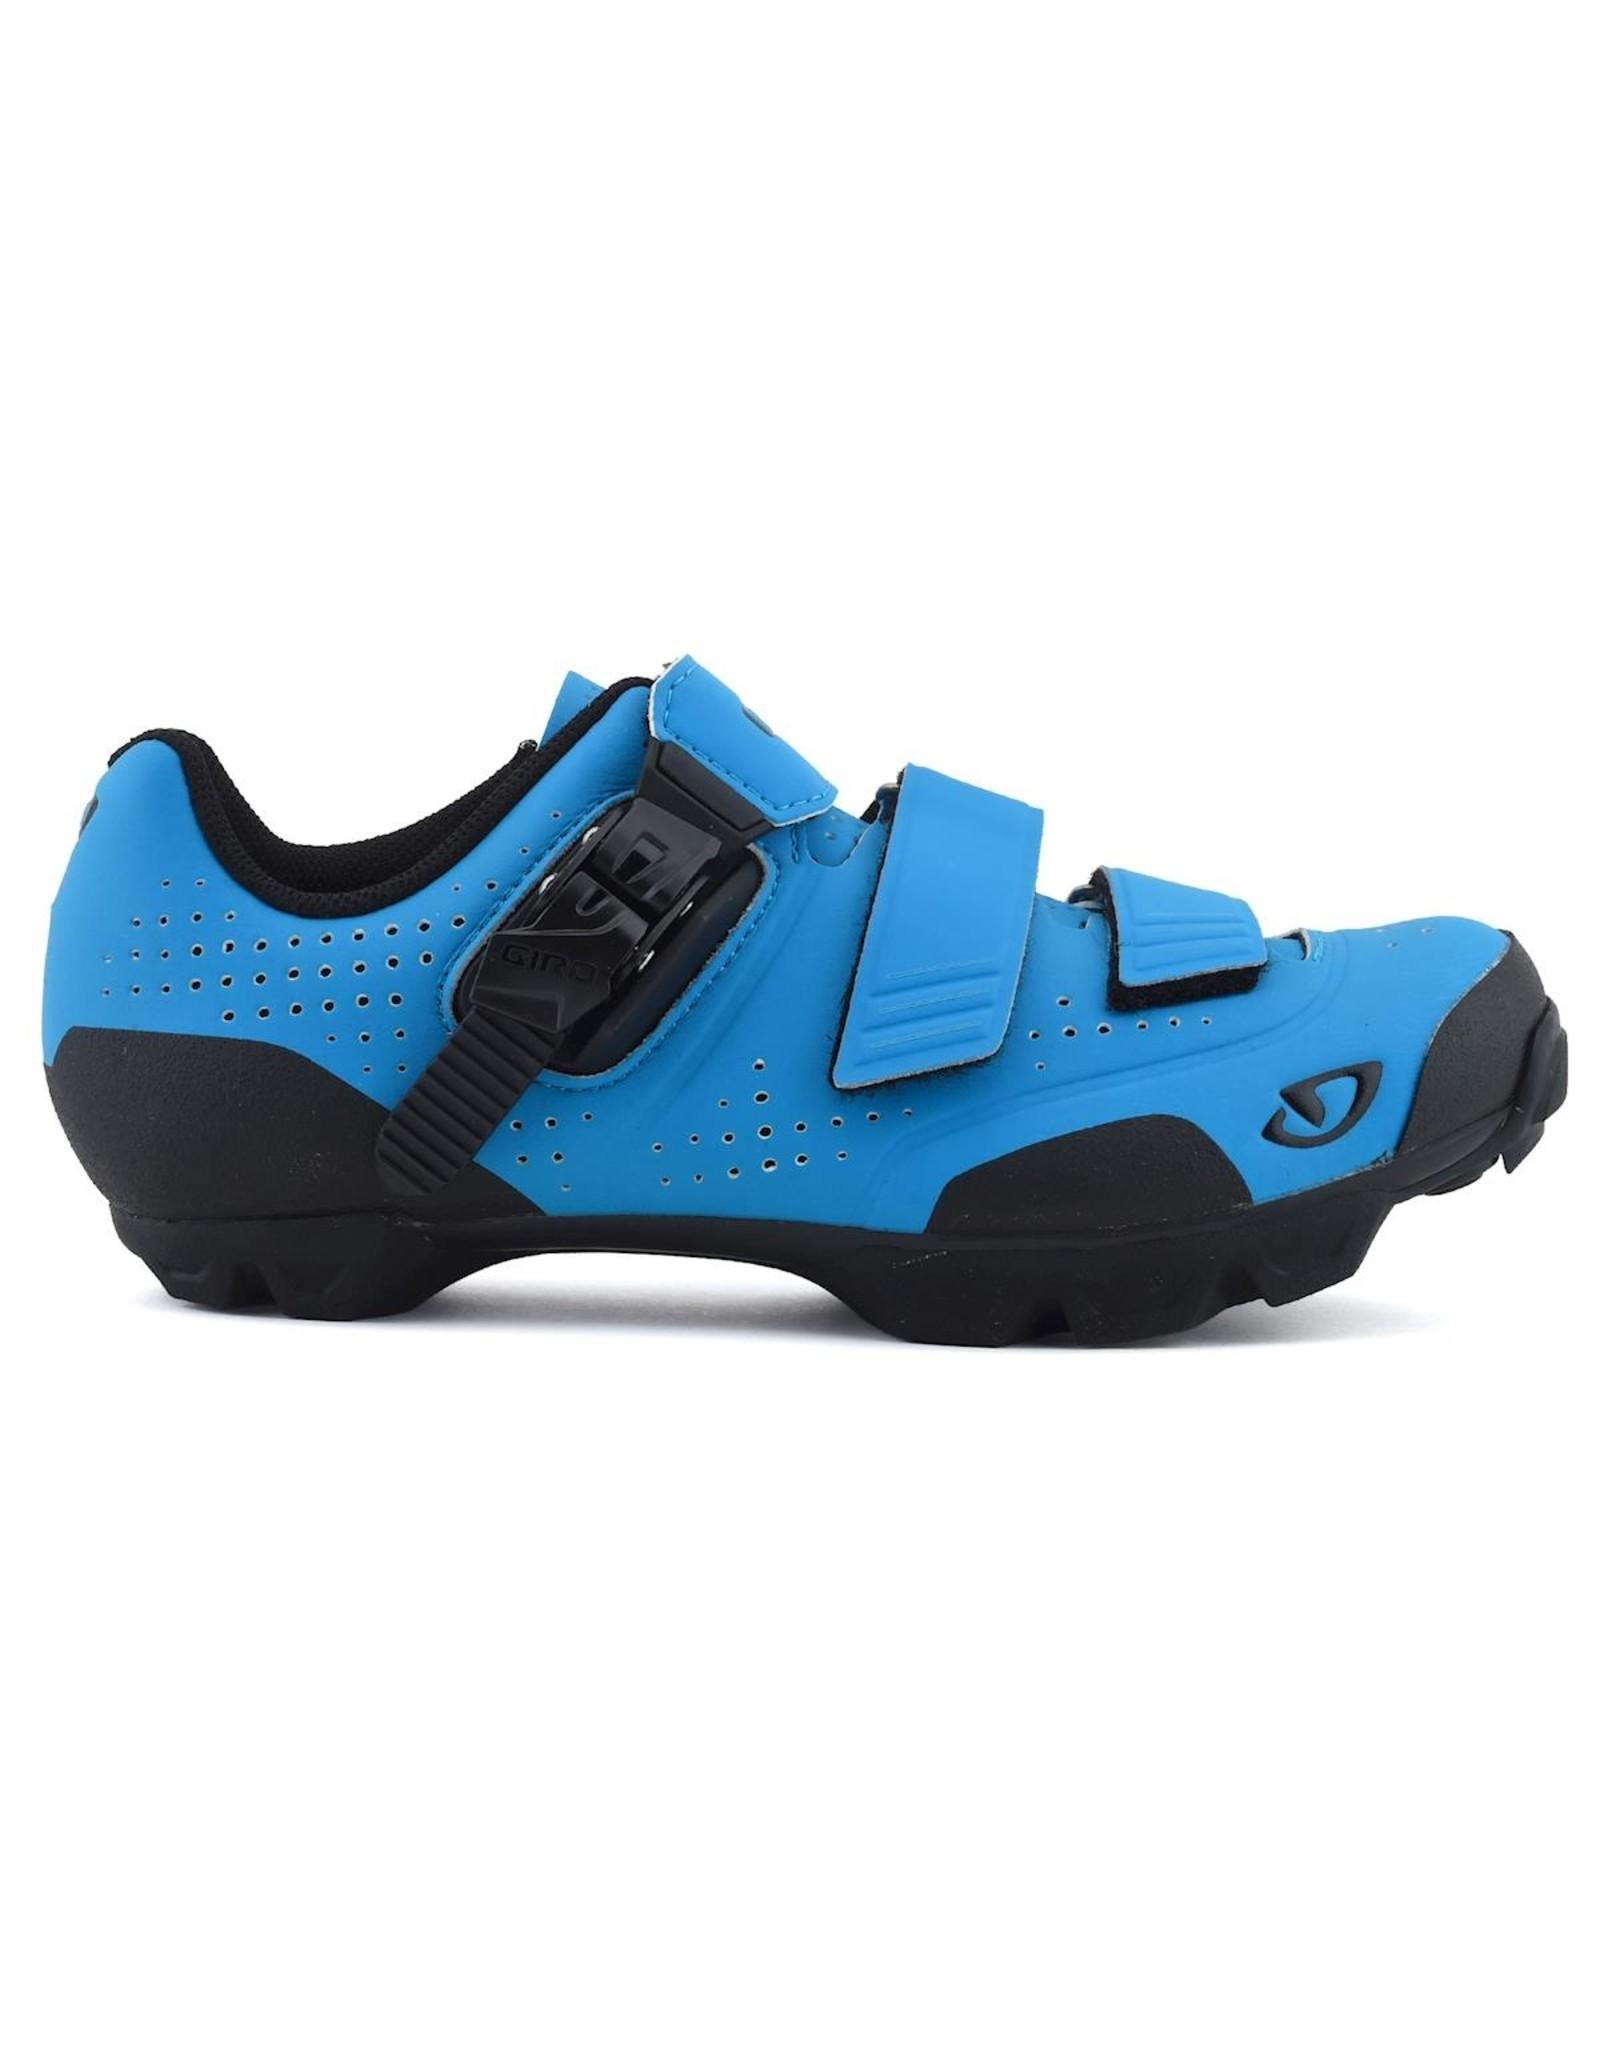 Giro Giro Privateer R Cycling Shoe